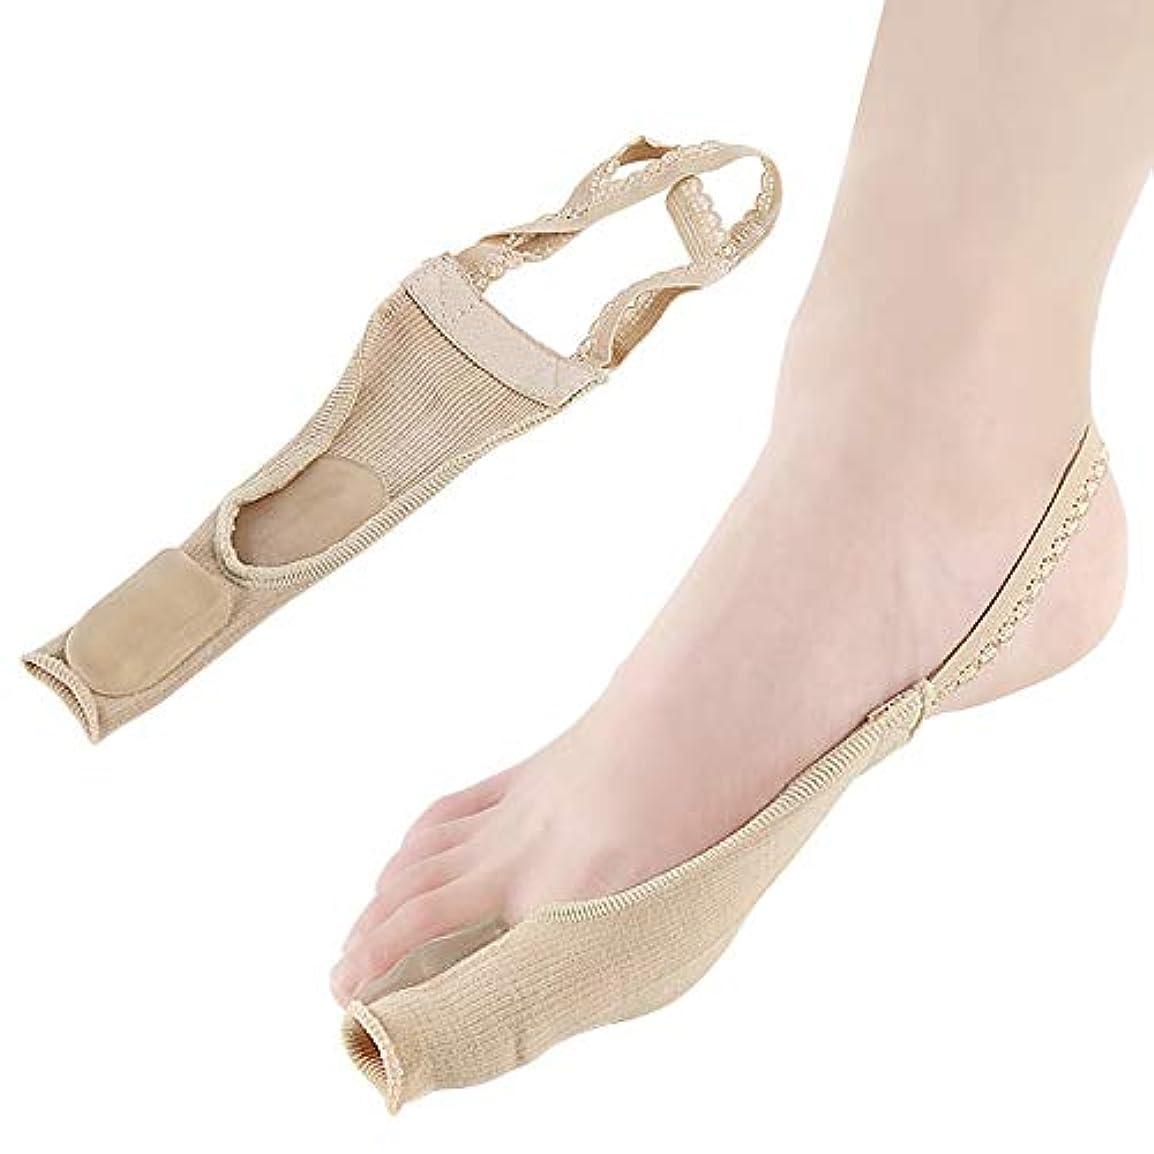 せがむ怖がって死ぬ時代つま先矯正靴下ワンサイズレース防止つま先外反重複高弾性厚み減衰吸収汗通気性ナイロンSEBS,2Pairs